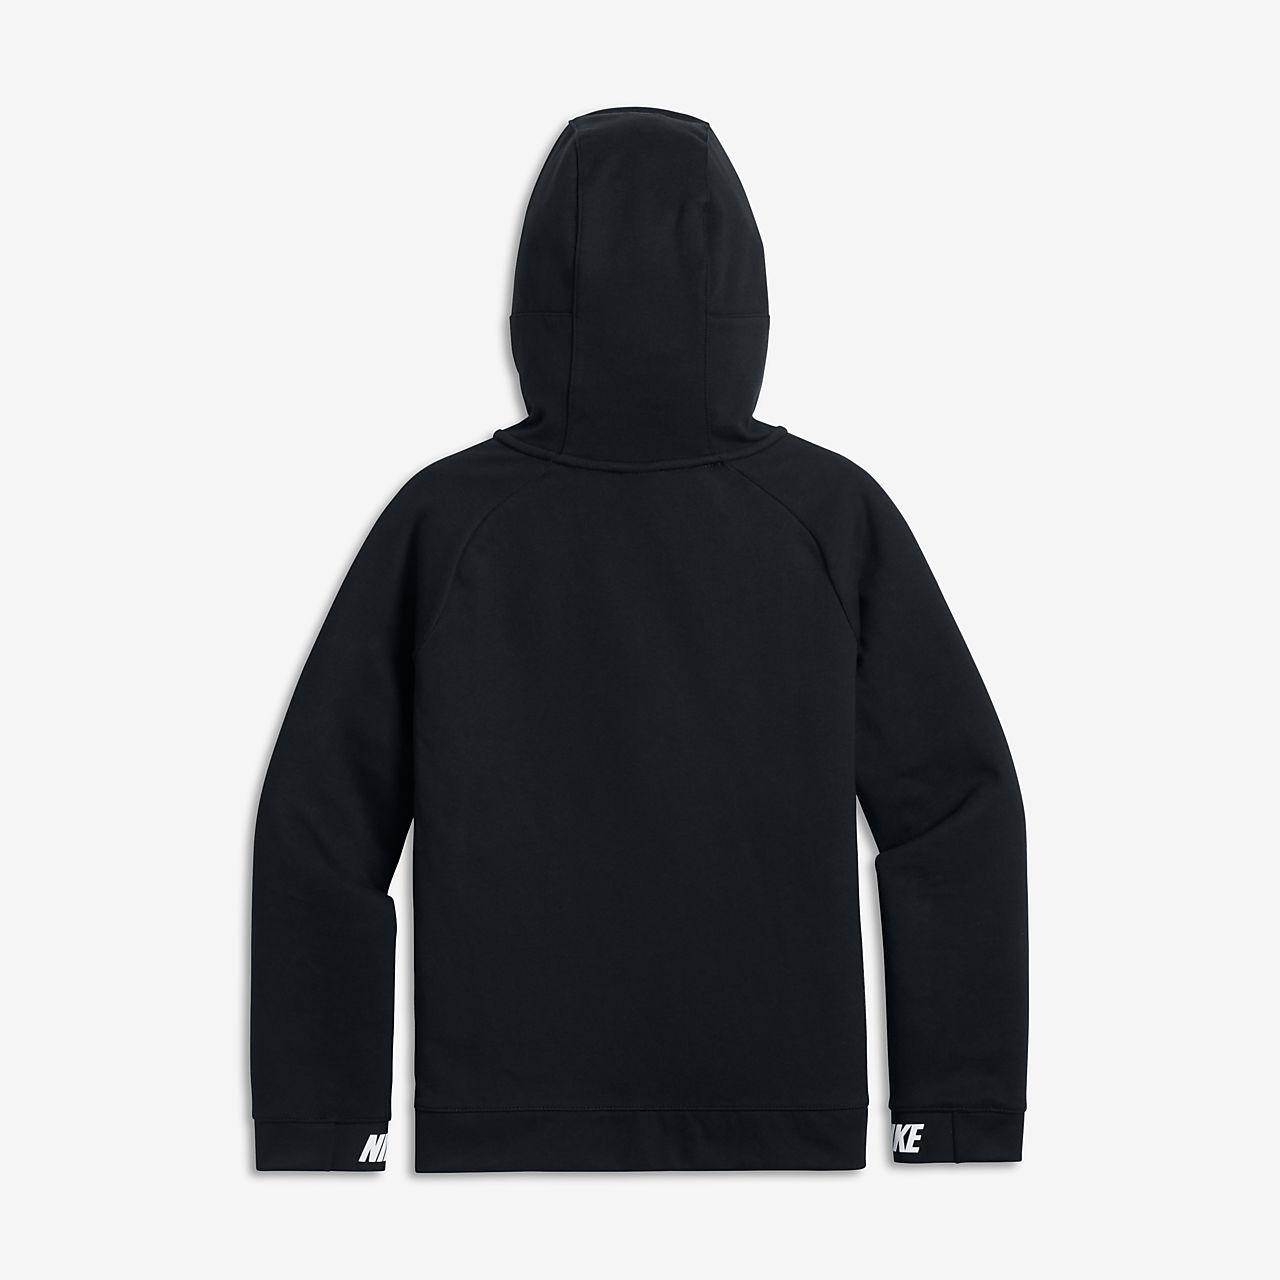 8b14712ca Nike Sweatshirts Amazon India